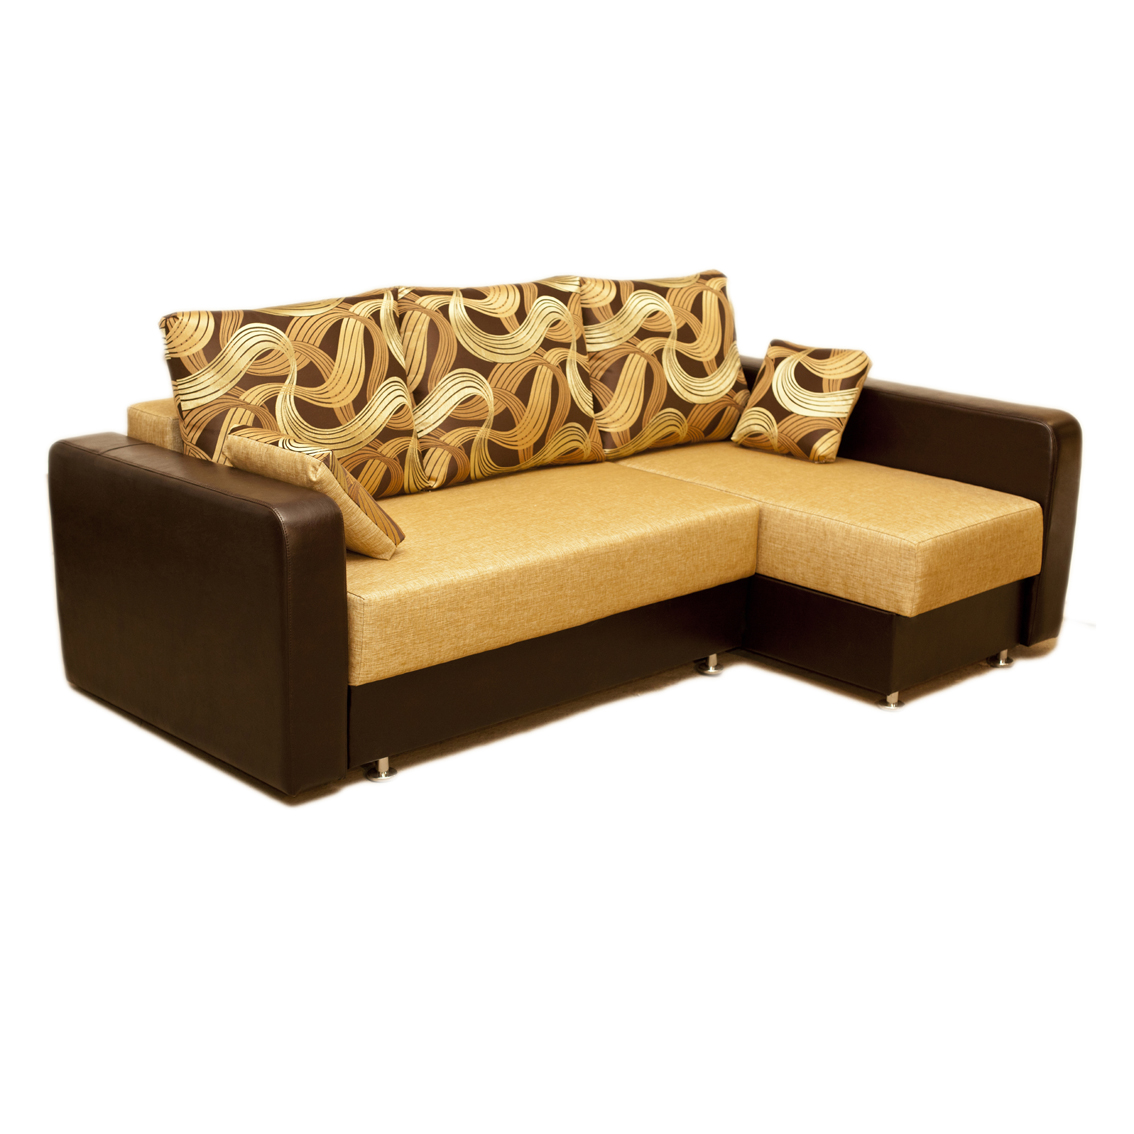 Каталог мебели лагуна с ценами и фото